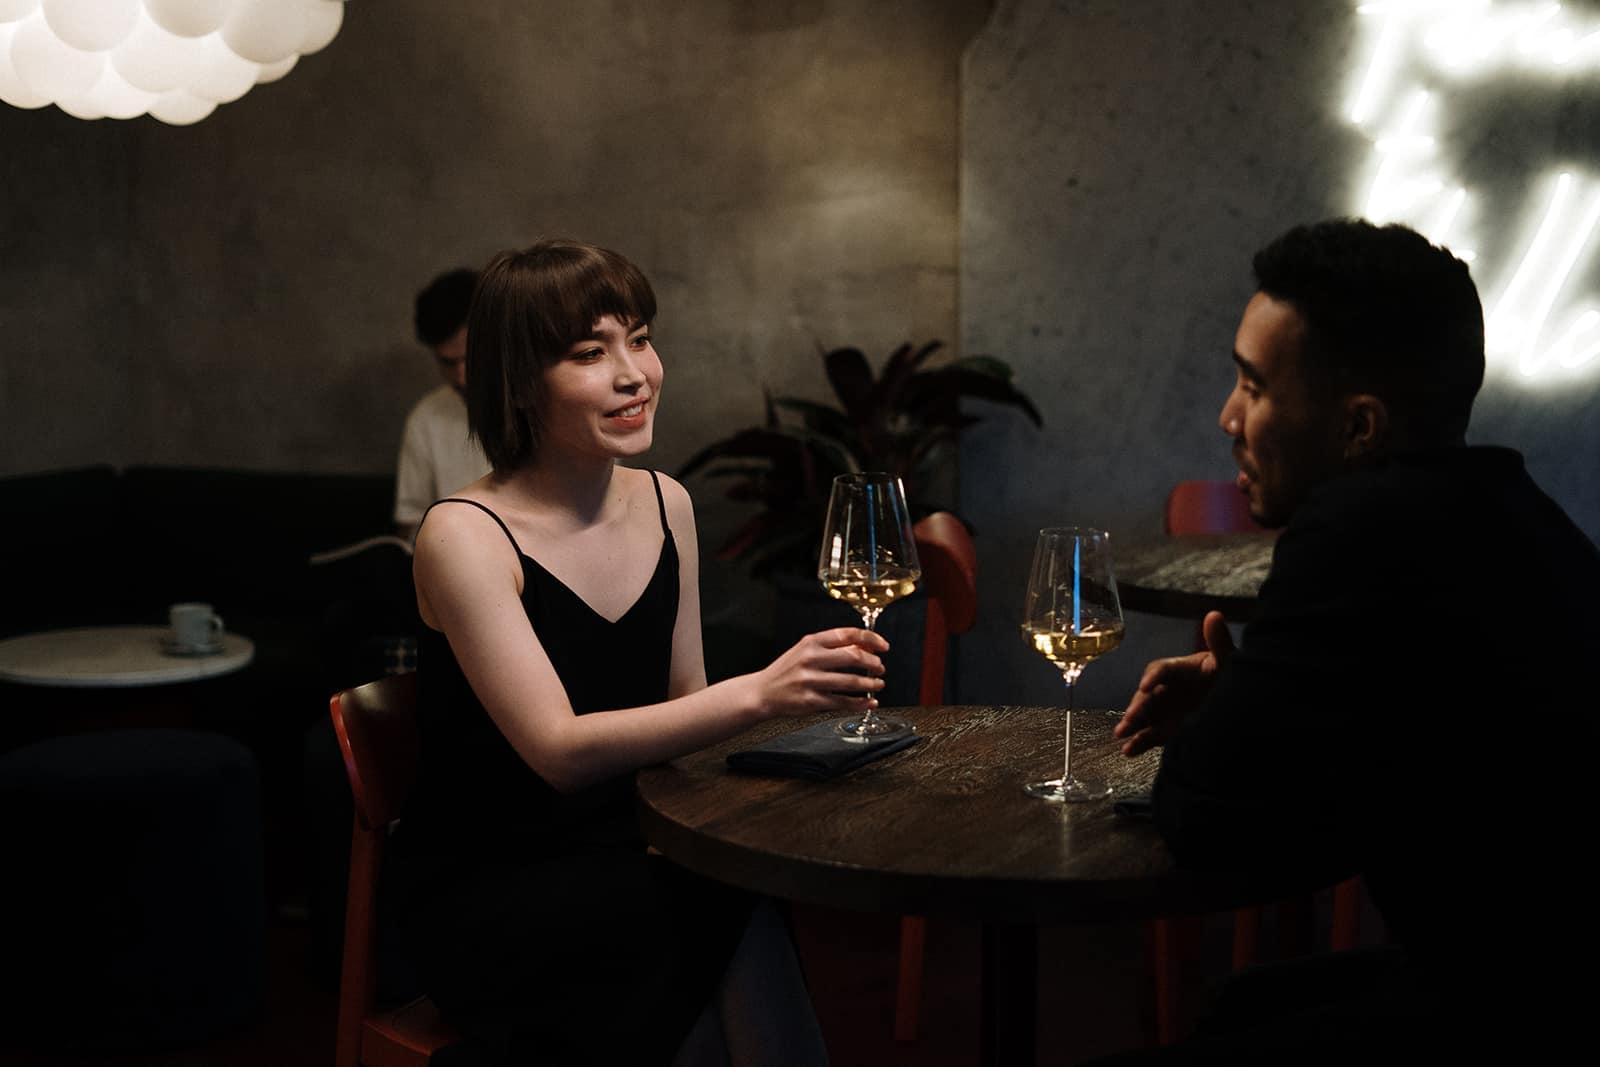 ein Paar, das sich während eines romantischen Abends in einem Restaurant unterhält